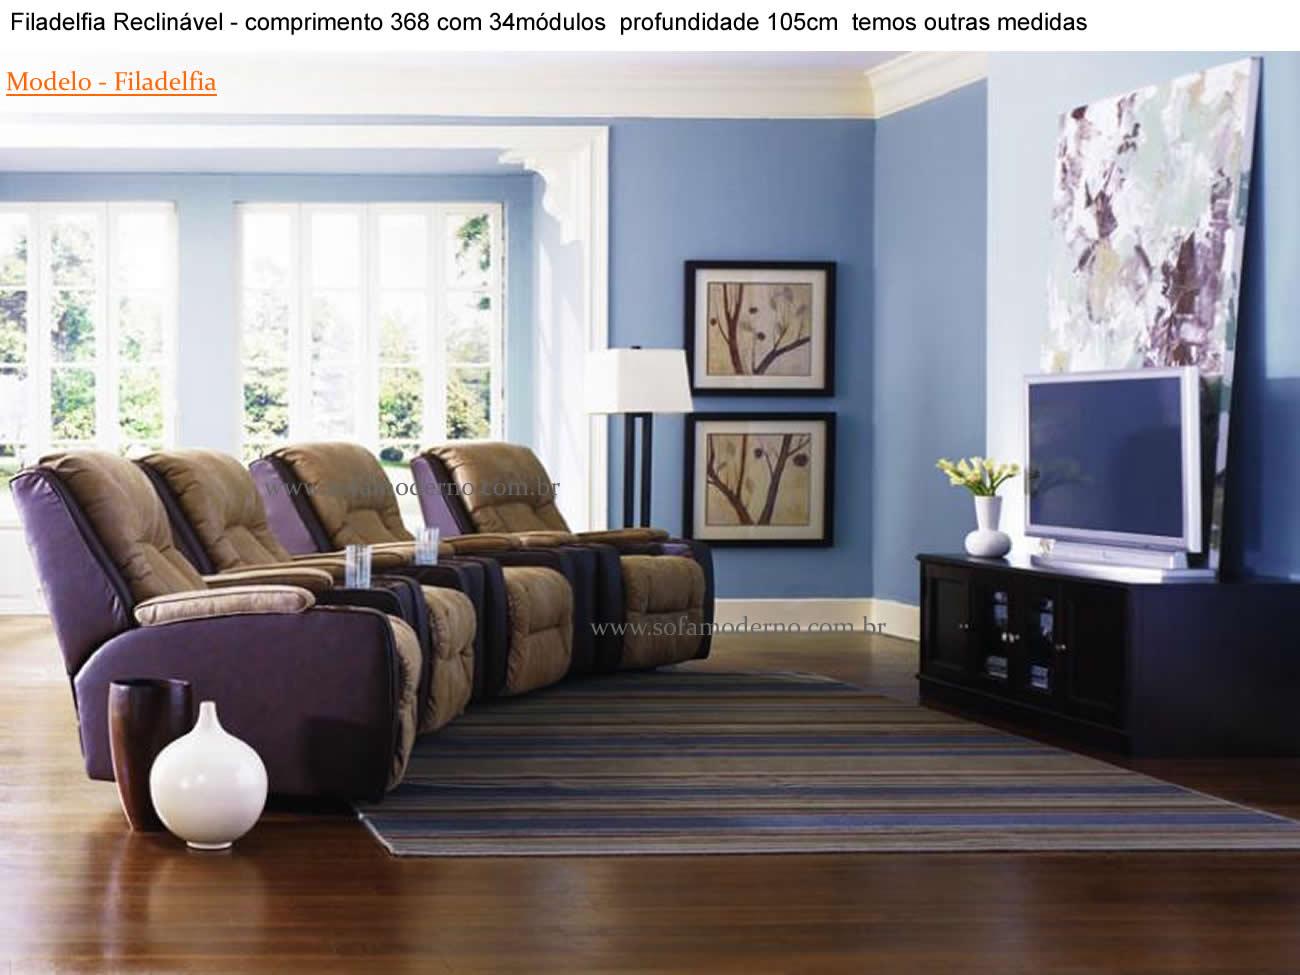 Sala de tv com sofa e poltrona id ias for Sofa para sala de tv